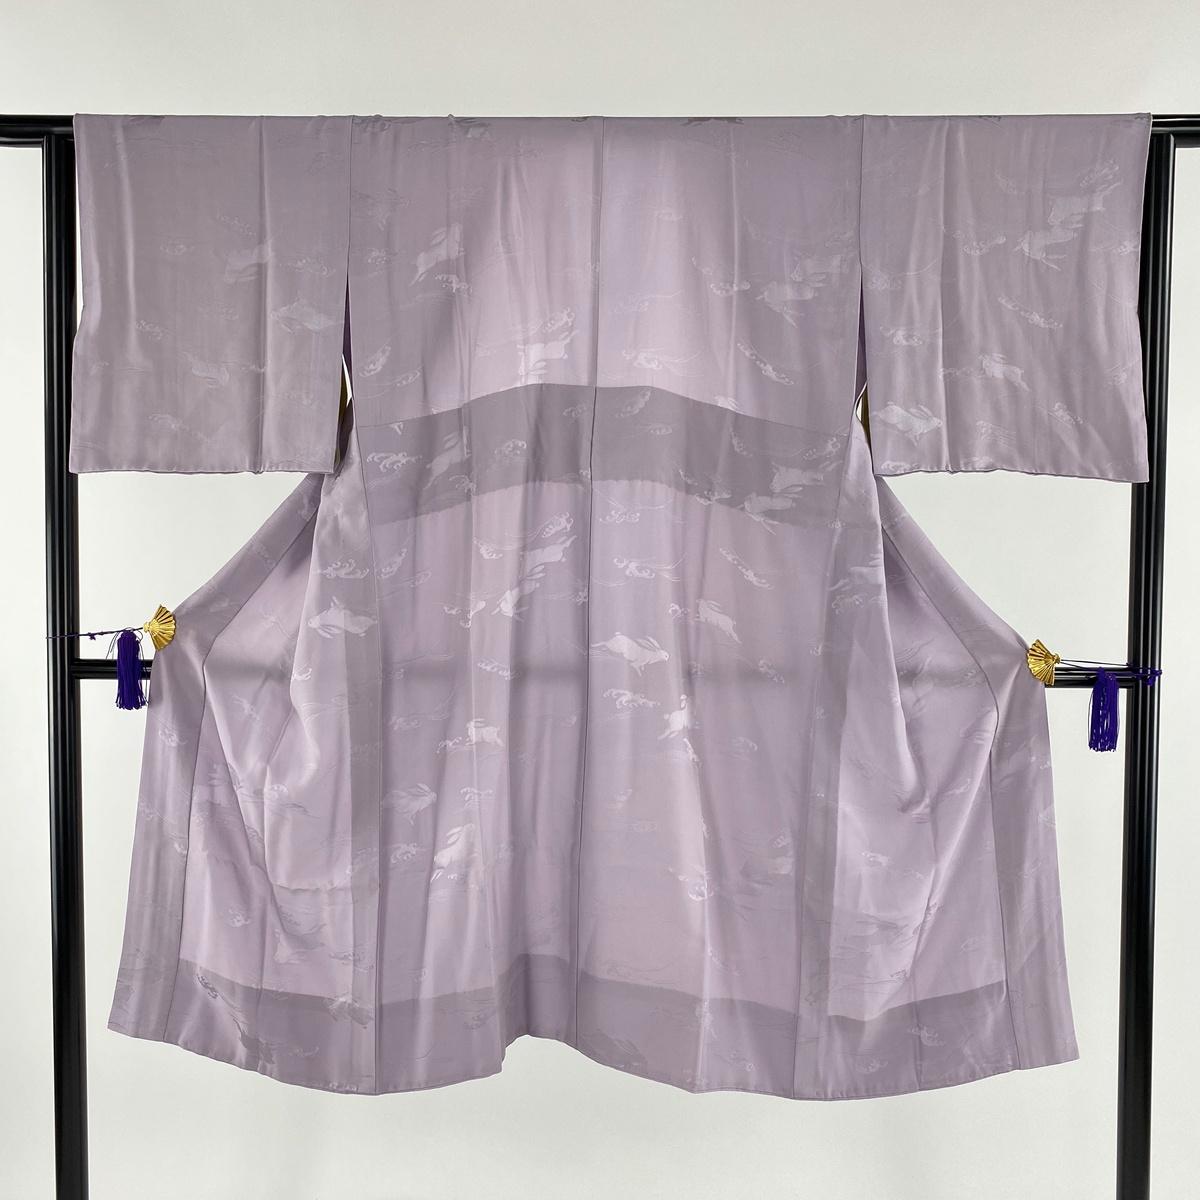 長襦袢 美品 秀品 やまと うさぎ 波頭 紫 身丈117cm 裄丈67cm M 正絹 【中古】